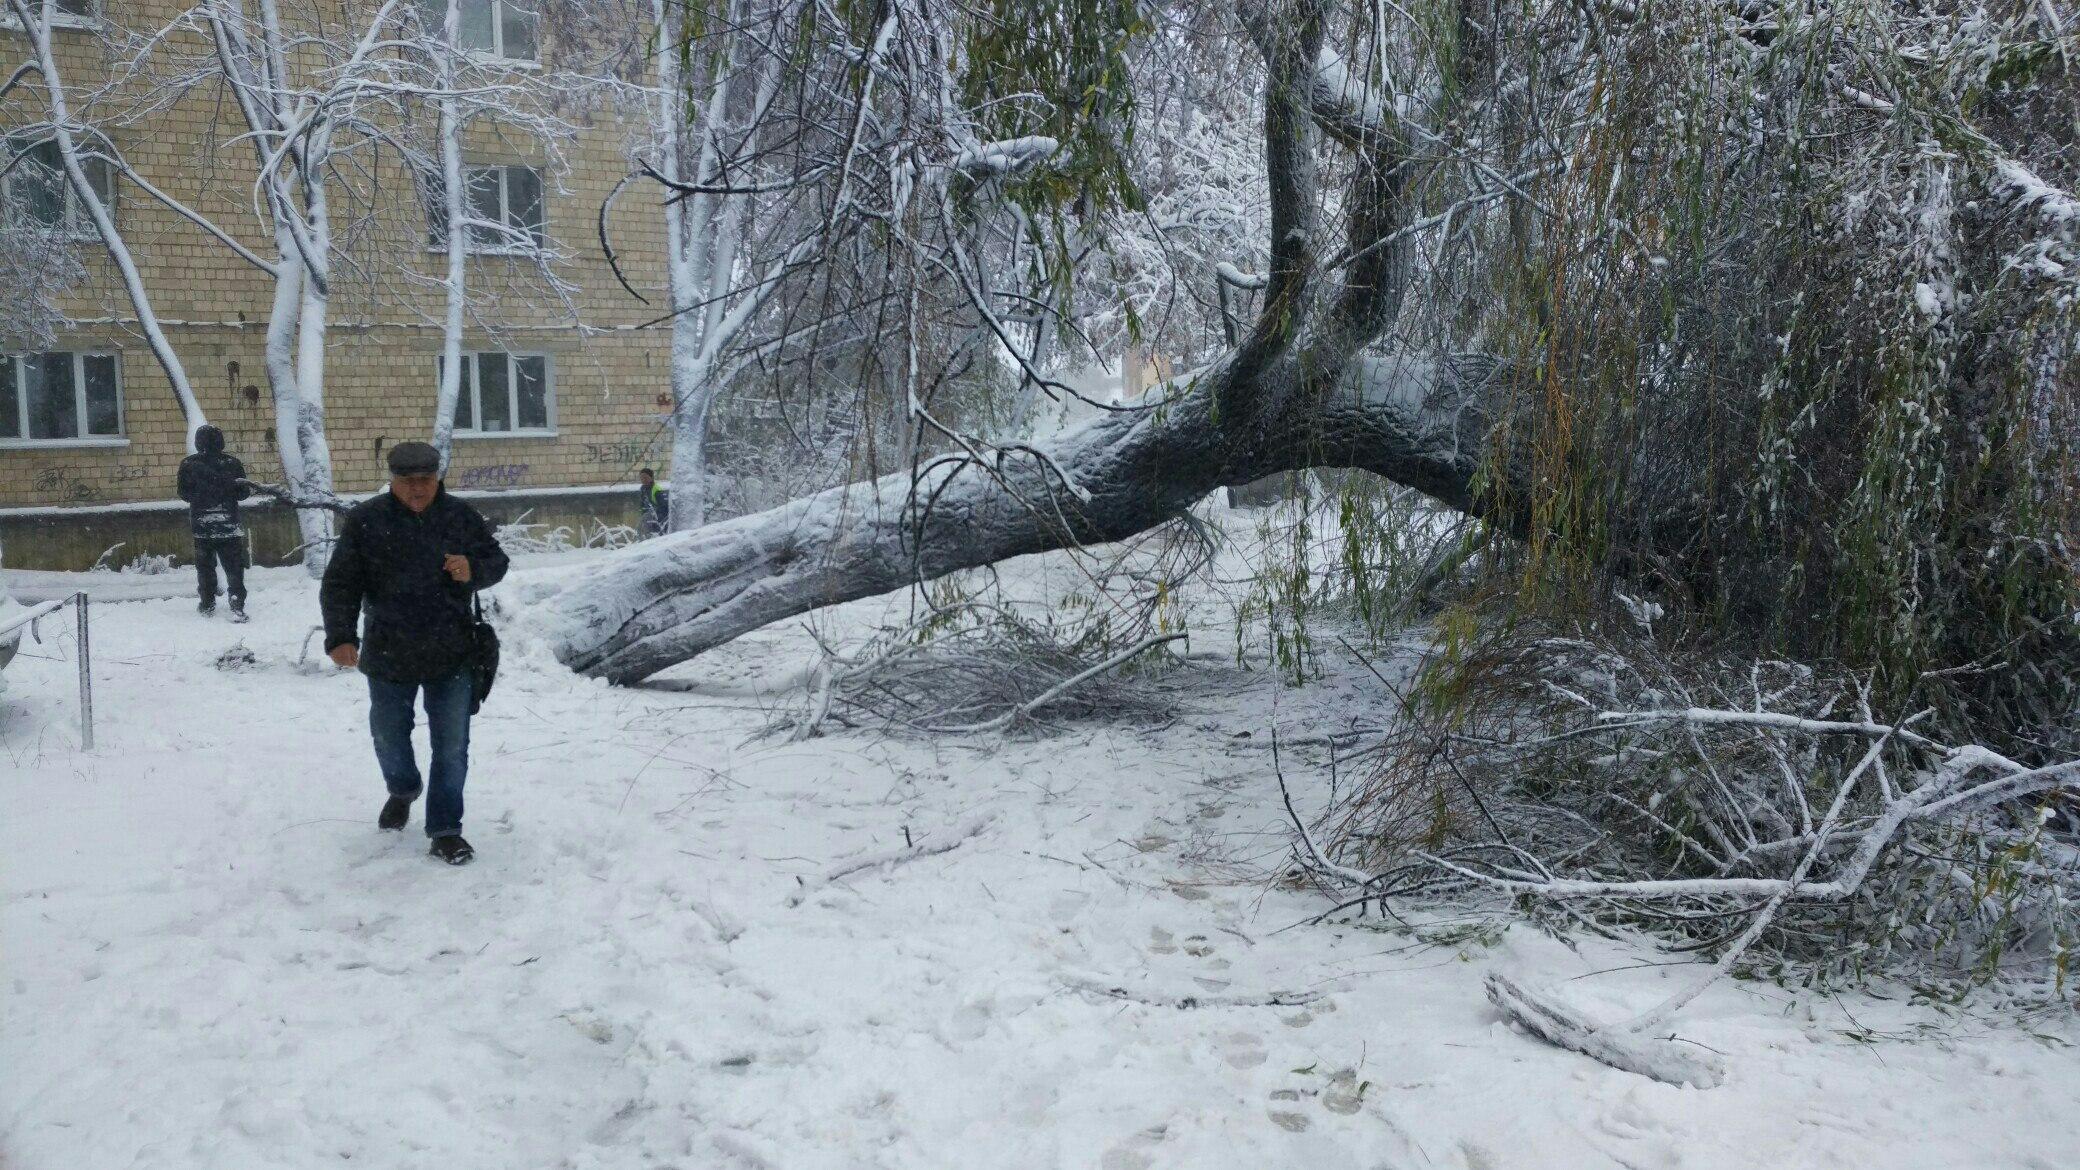 Снегопад в Украине: спасатели вытаскивают автомобили из снежных заносов и расчищают трассы, заваленные сломанными деревьями - Цензор.НЕТ 2745